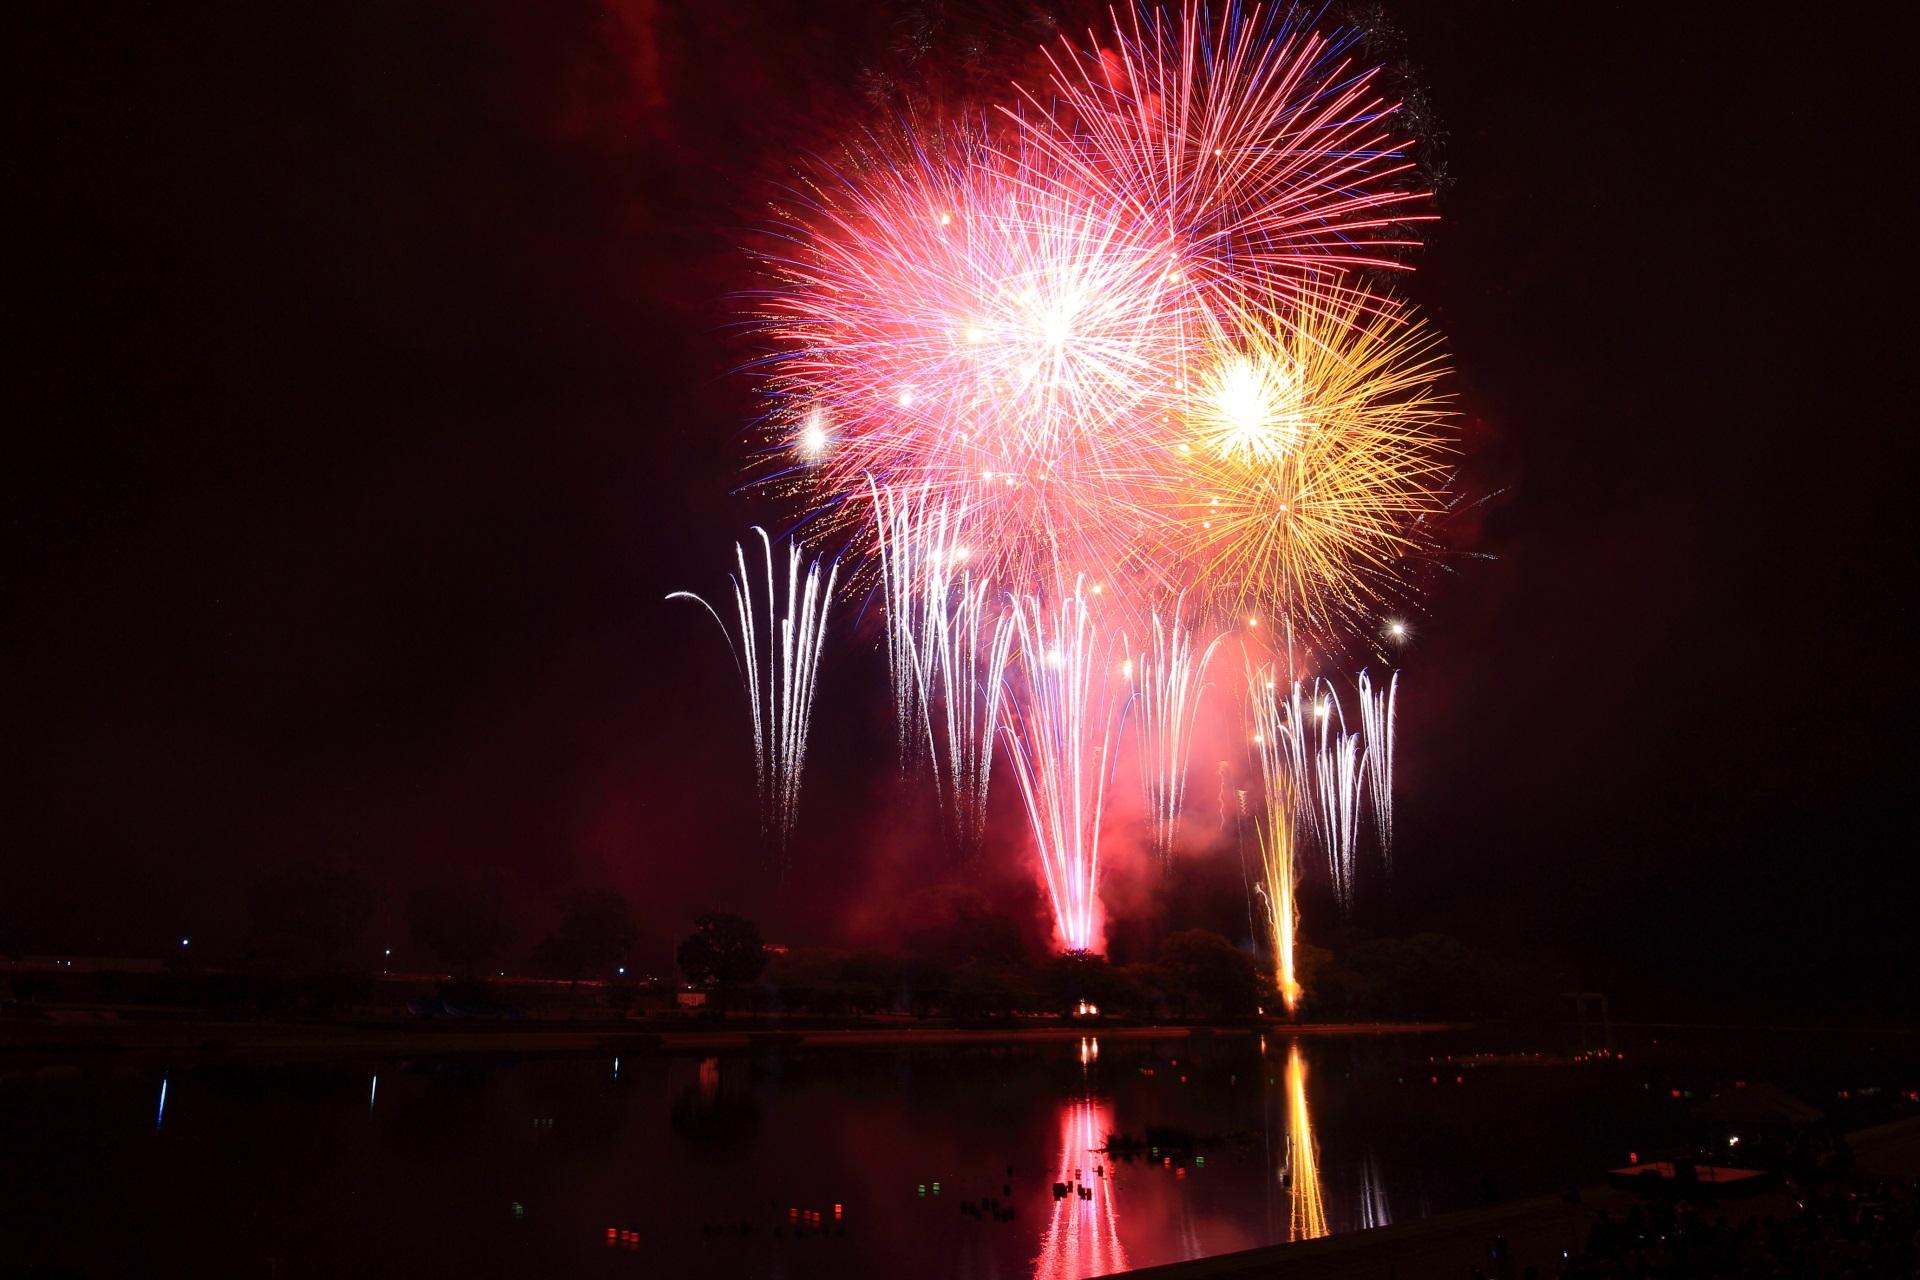 夏の大堰川を賑やかに彩る八木の花火